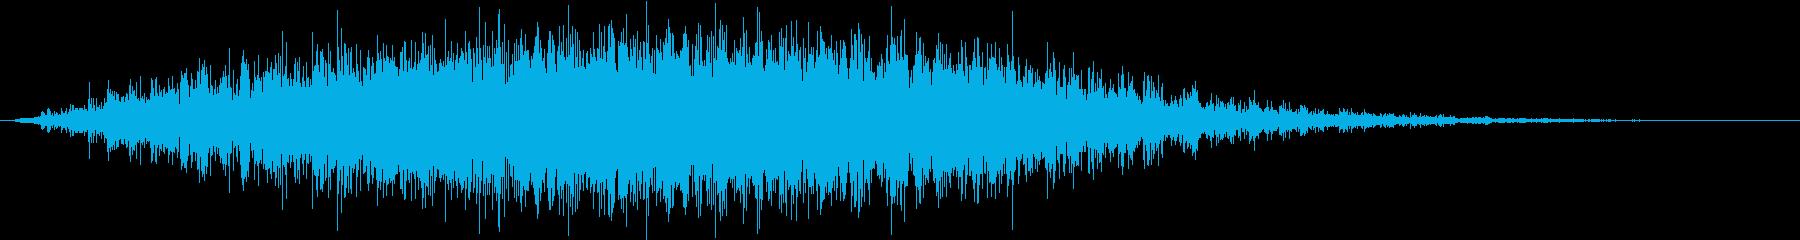 パンドラトルバックの再生済みの波形